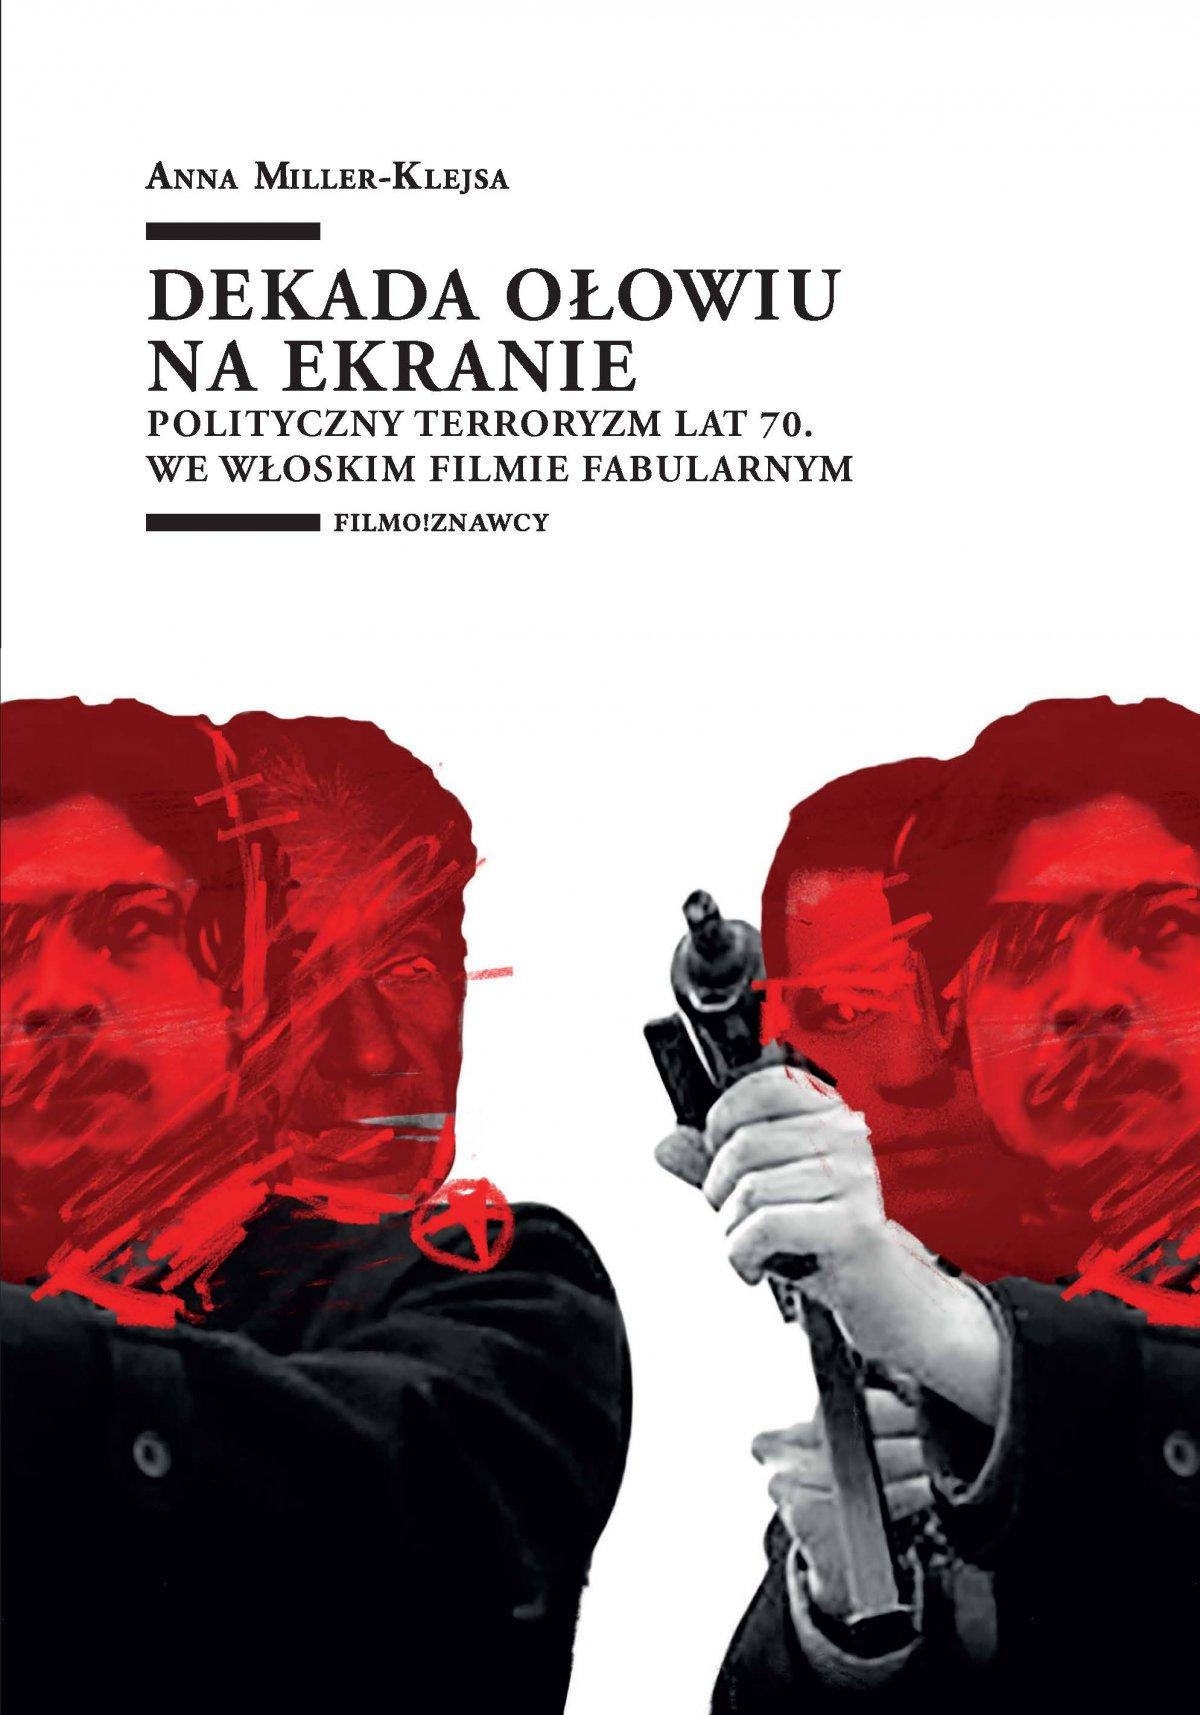 Dekada ołowiu na ekranie. Polityczny terroryzm lat 70. we włoskim filmie fabularnym - Ebook (Książka PDF) do pobrania w formacie PDF